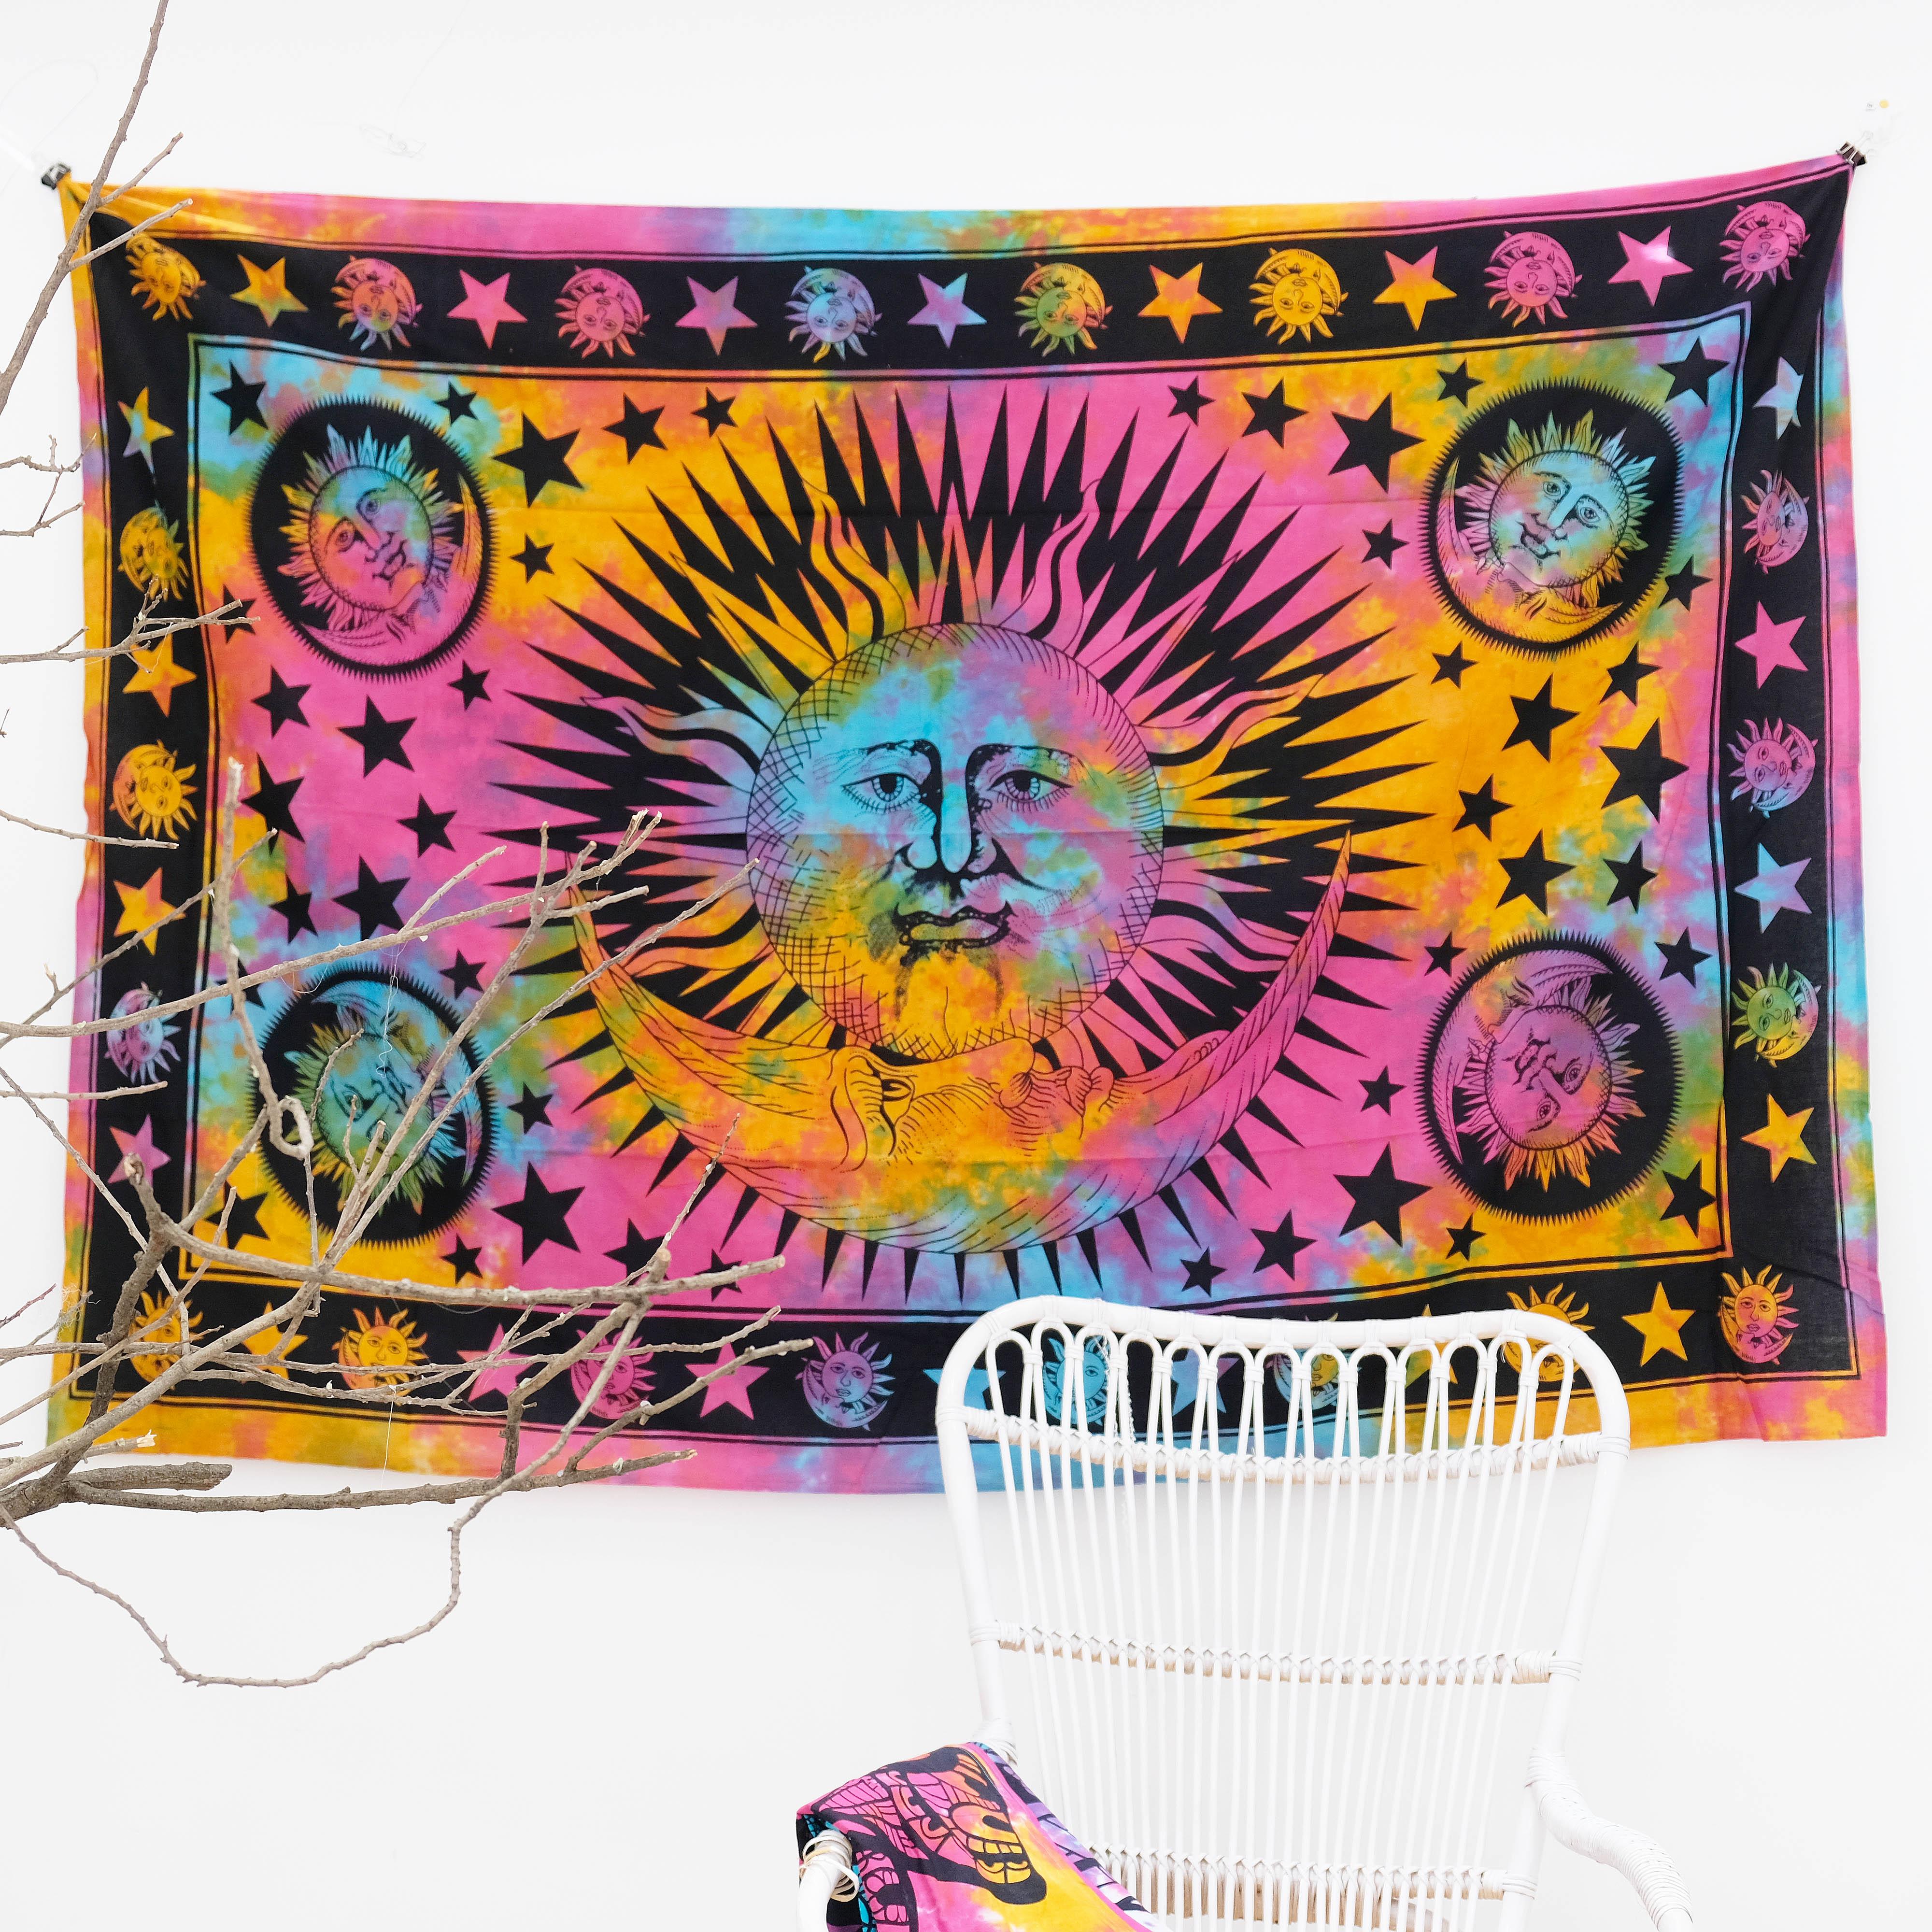 Vải treo tường trang trí hình ông mặt trời tiedye Indian Tapestry Wallhanging 140cm x 220cm